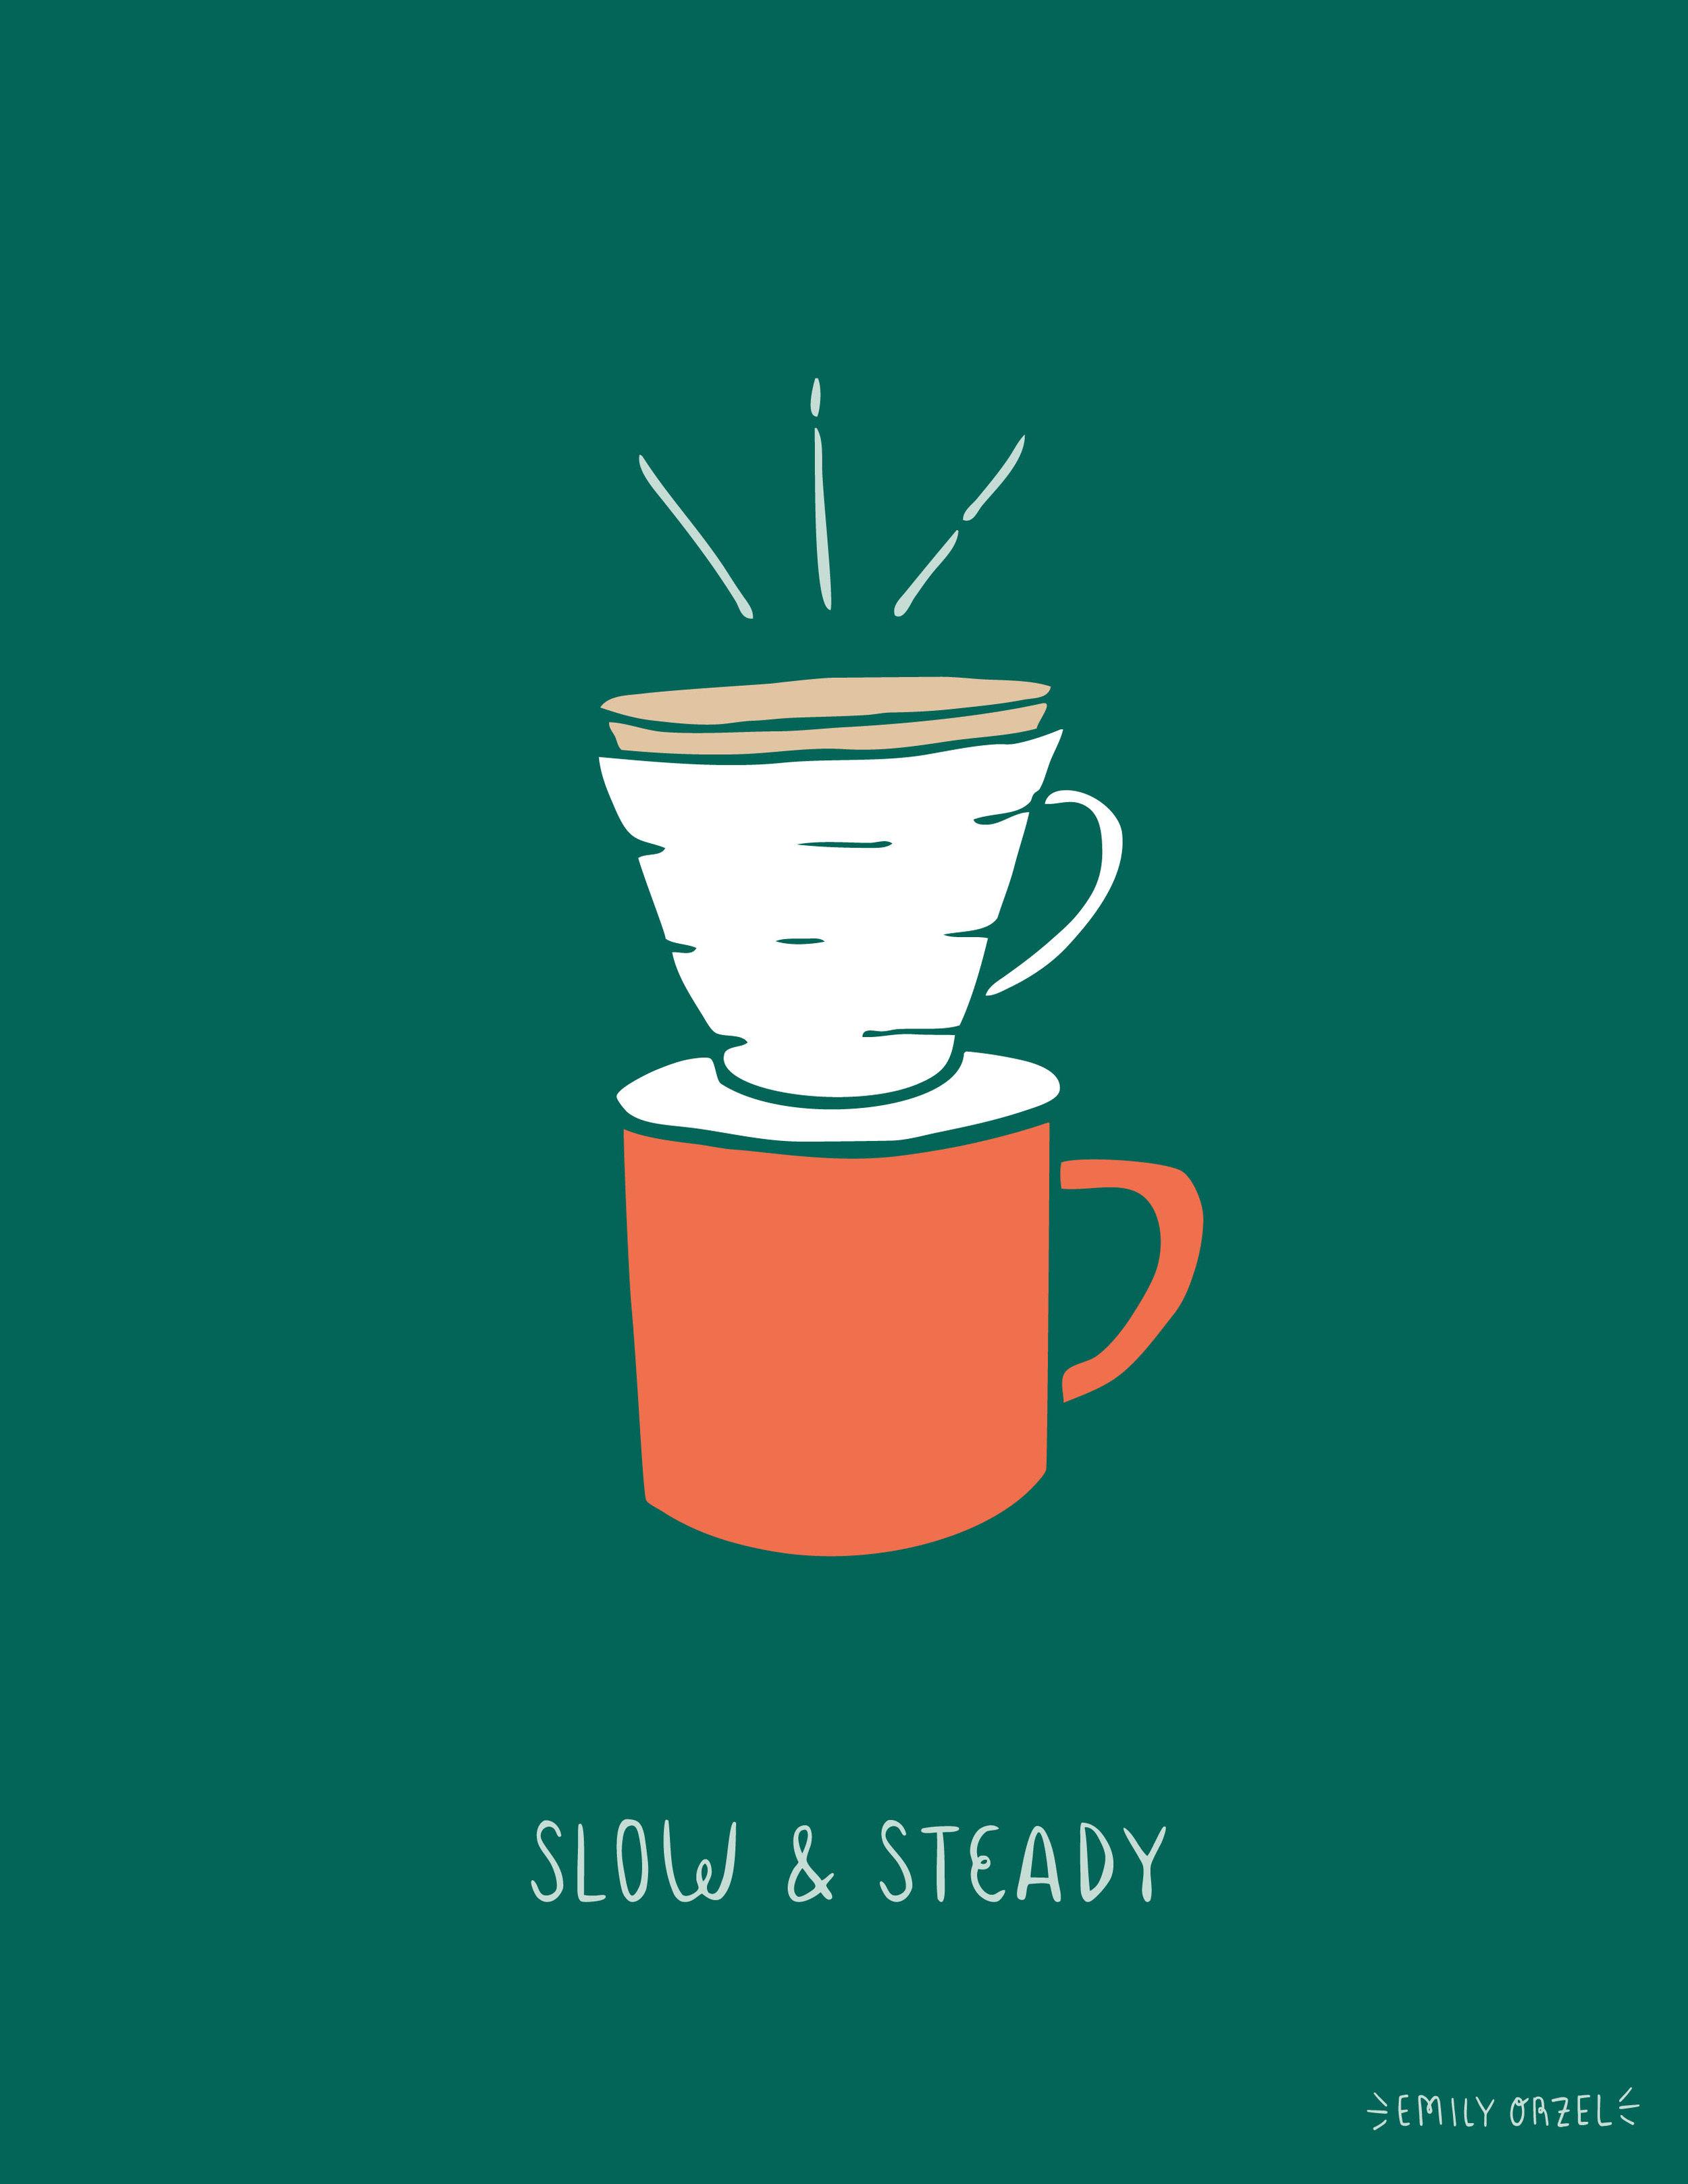 slowsteady.jpg